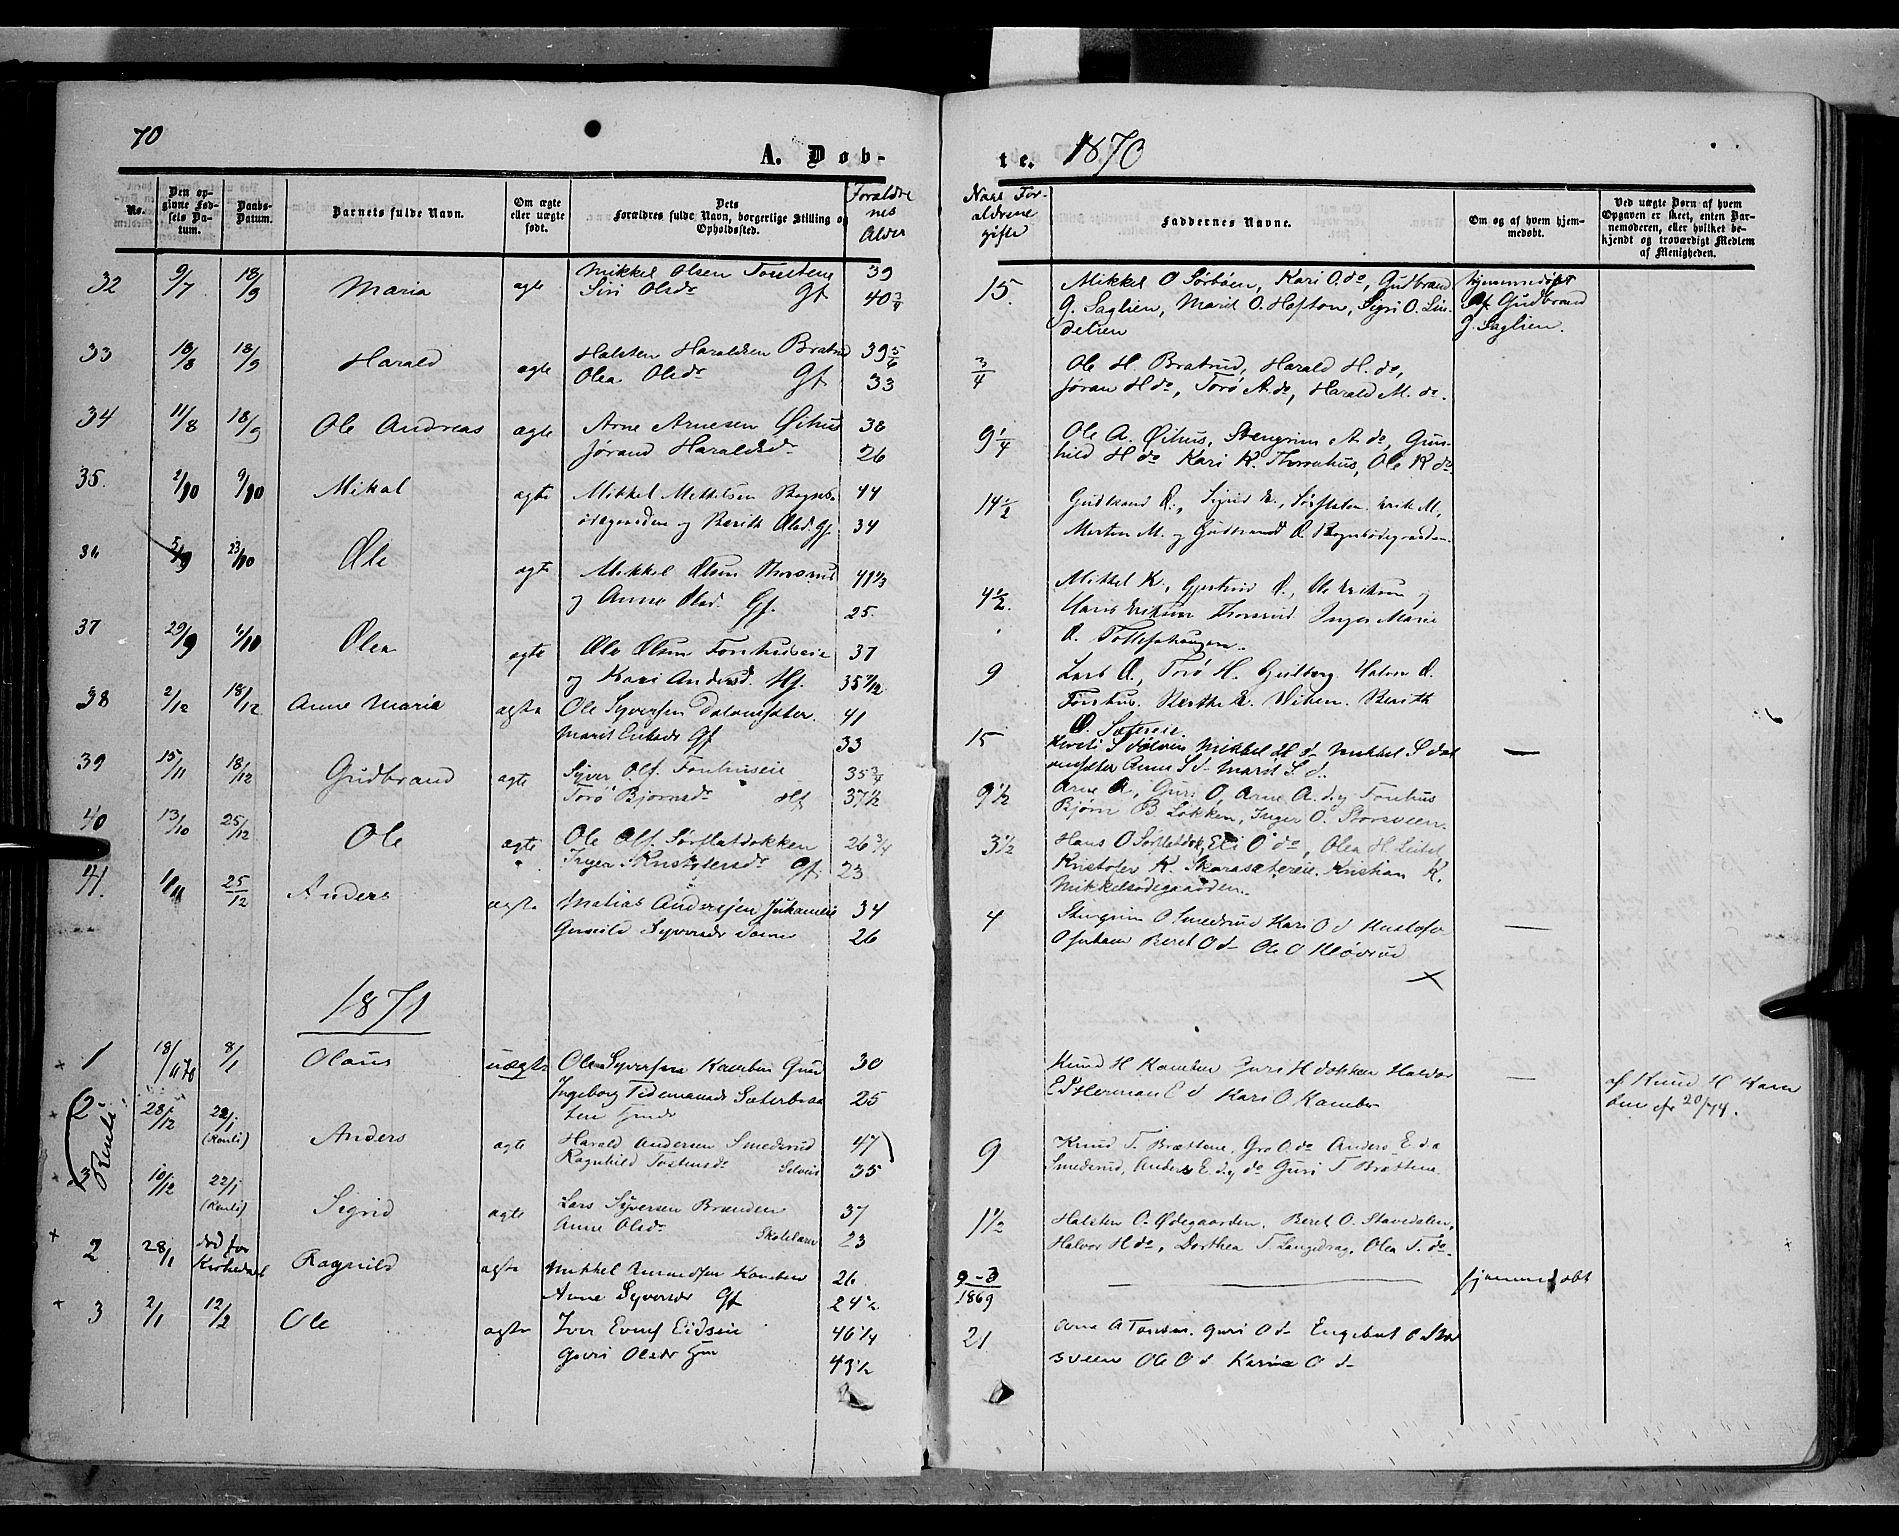 SAH, Sør-Aurdal prestekontor, Ministerialbok nr. 5, 1849-1876, s. 70